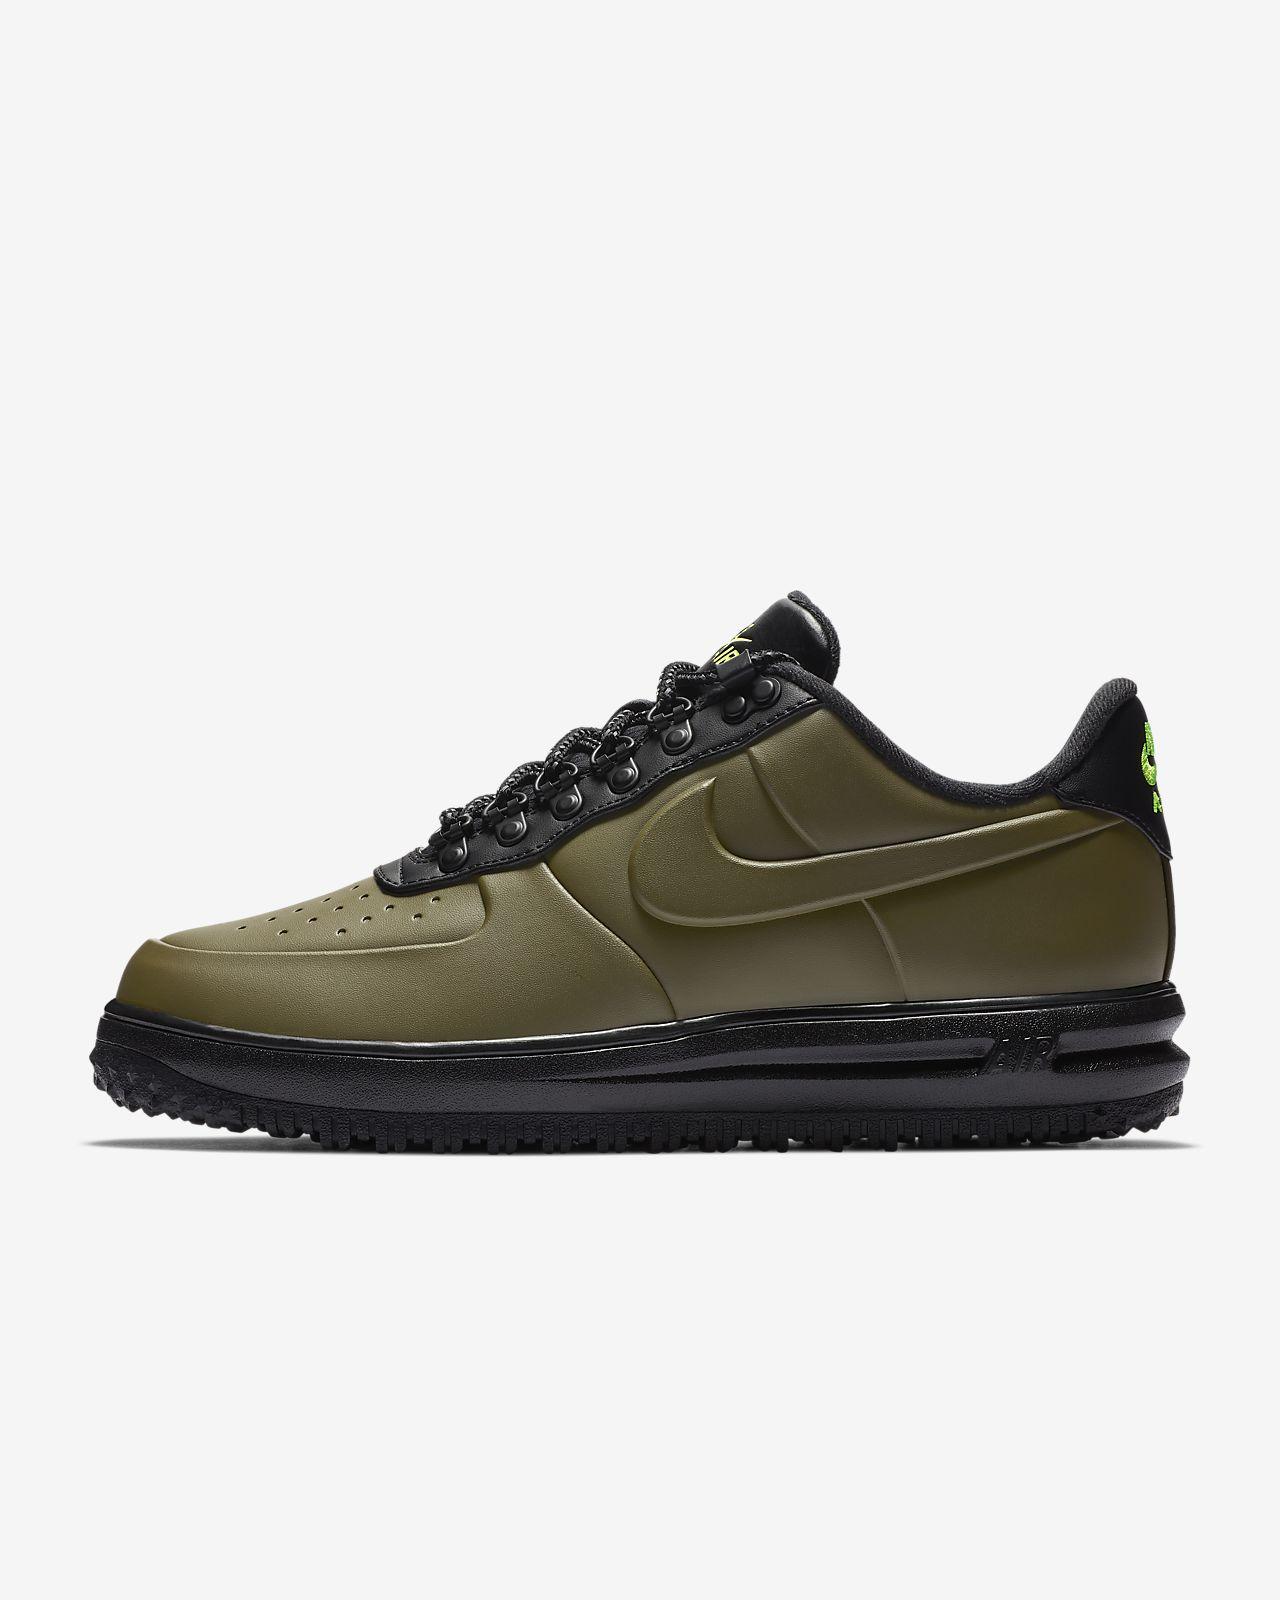 new concept 58e13 e58fa ... Nike Lunar Force 1 Duckboot Low – sko til mænd